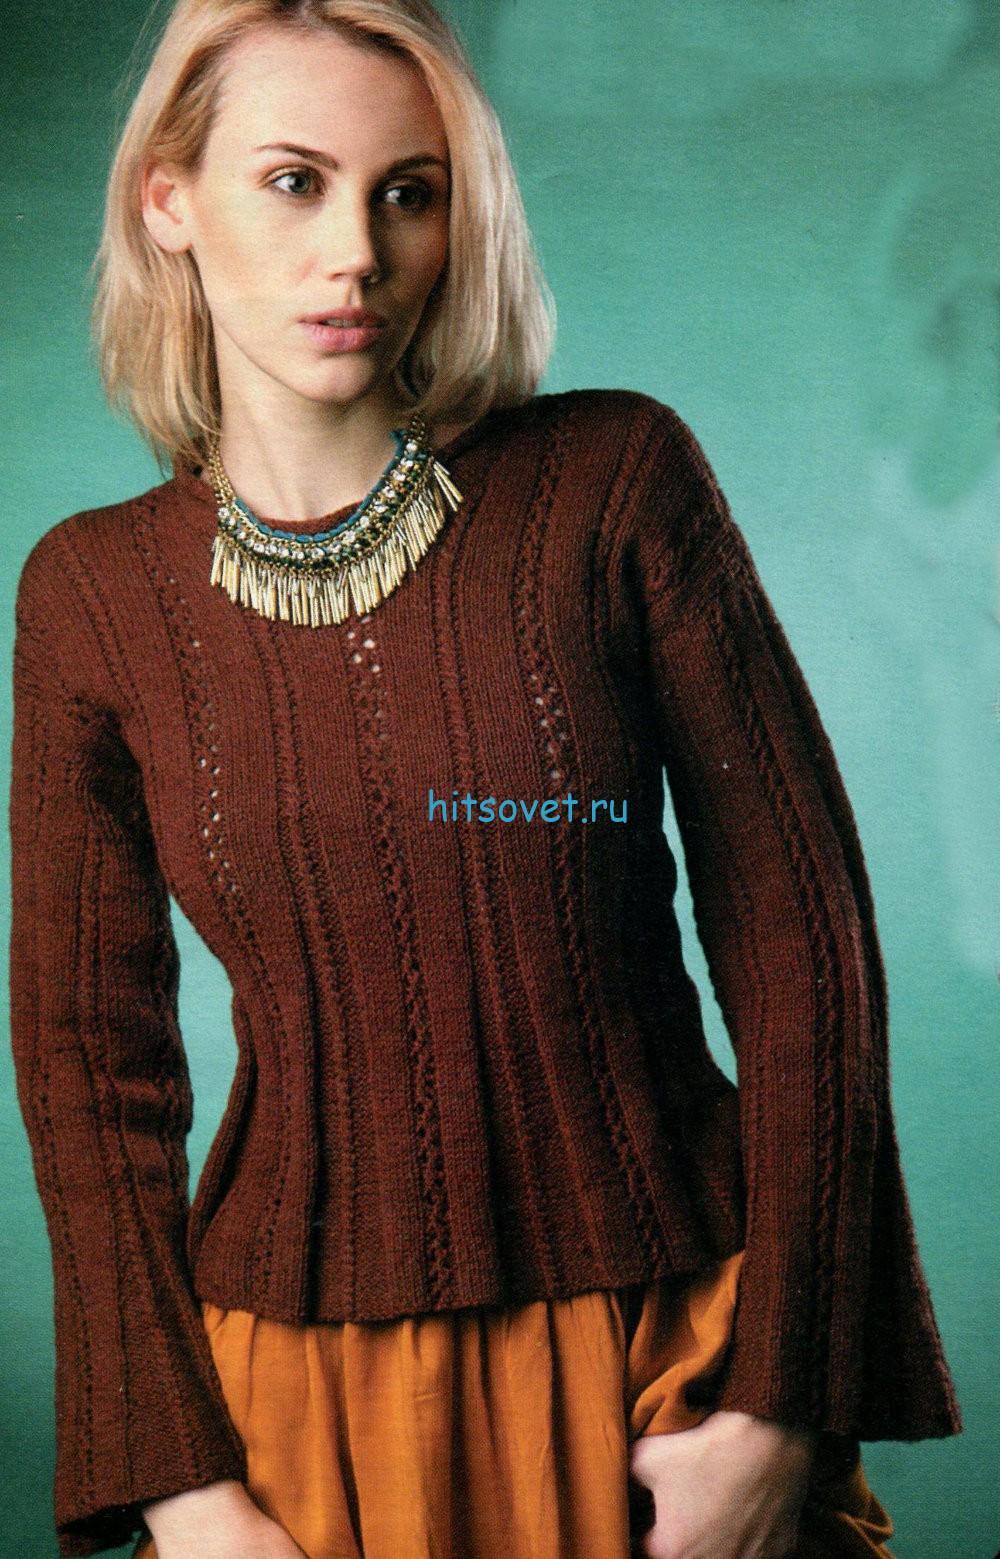 Вязание модной кофточки